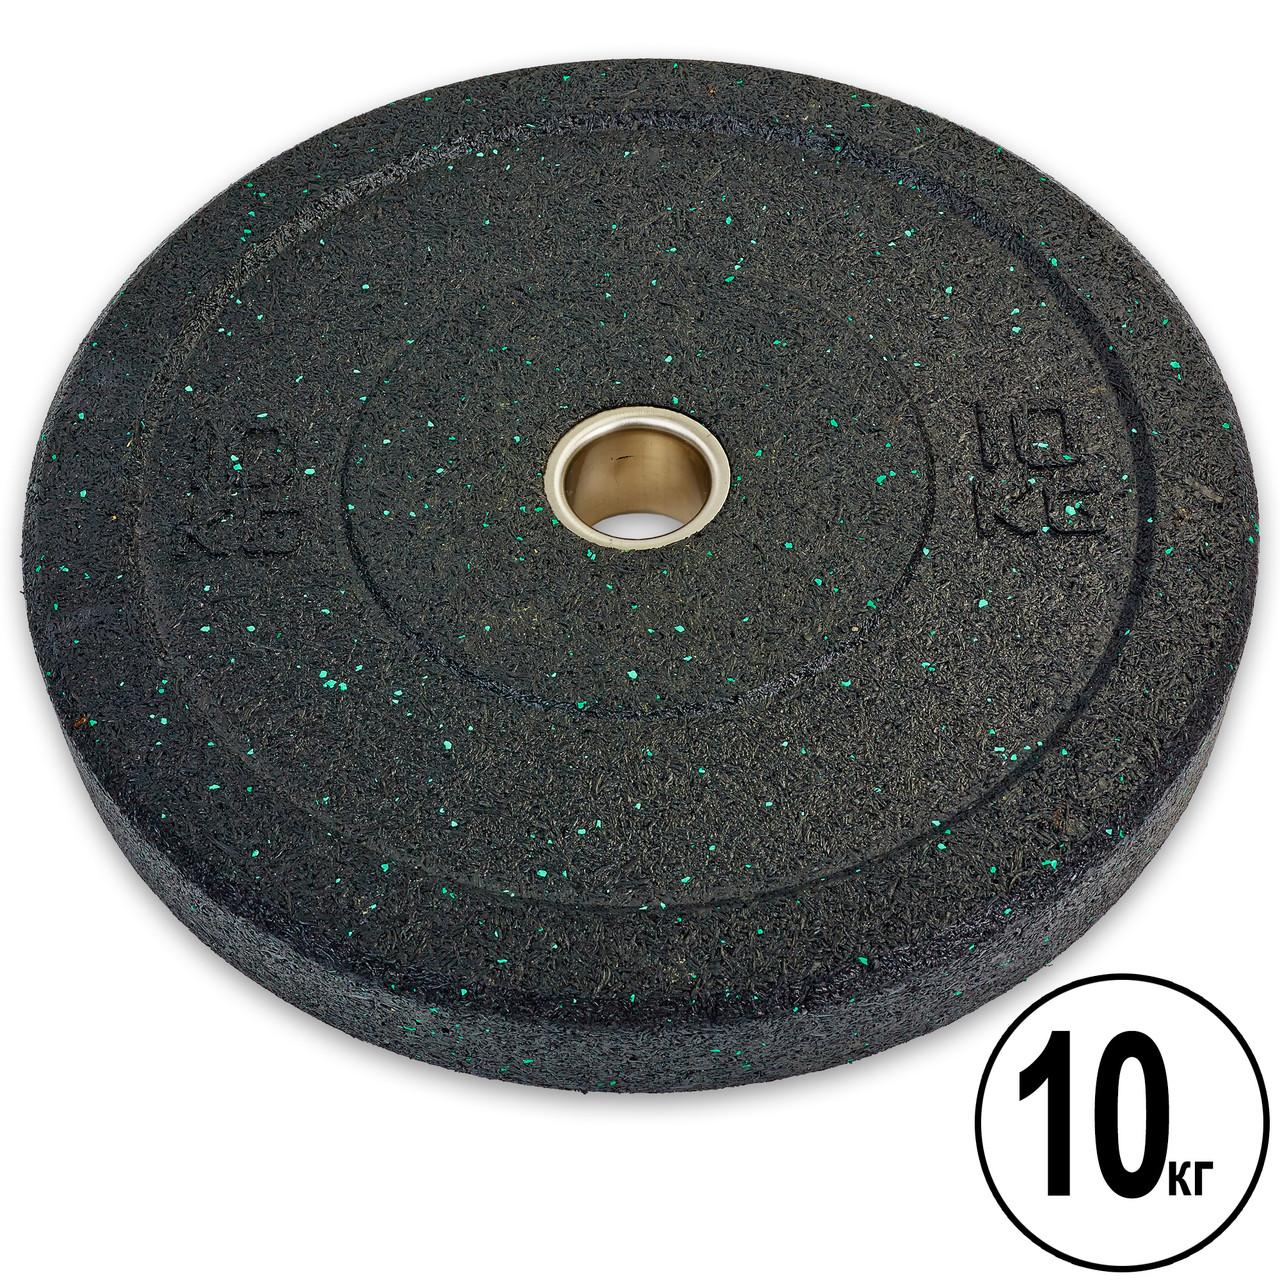 Бамперні диски з структурної гуми Record RAGGY 10кг